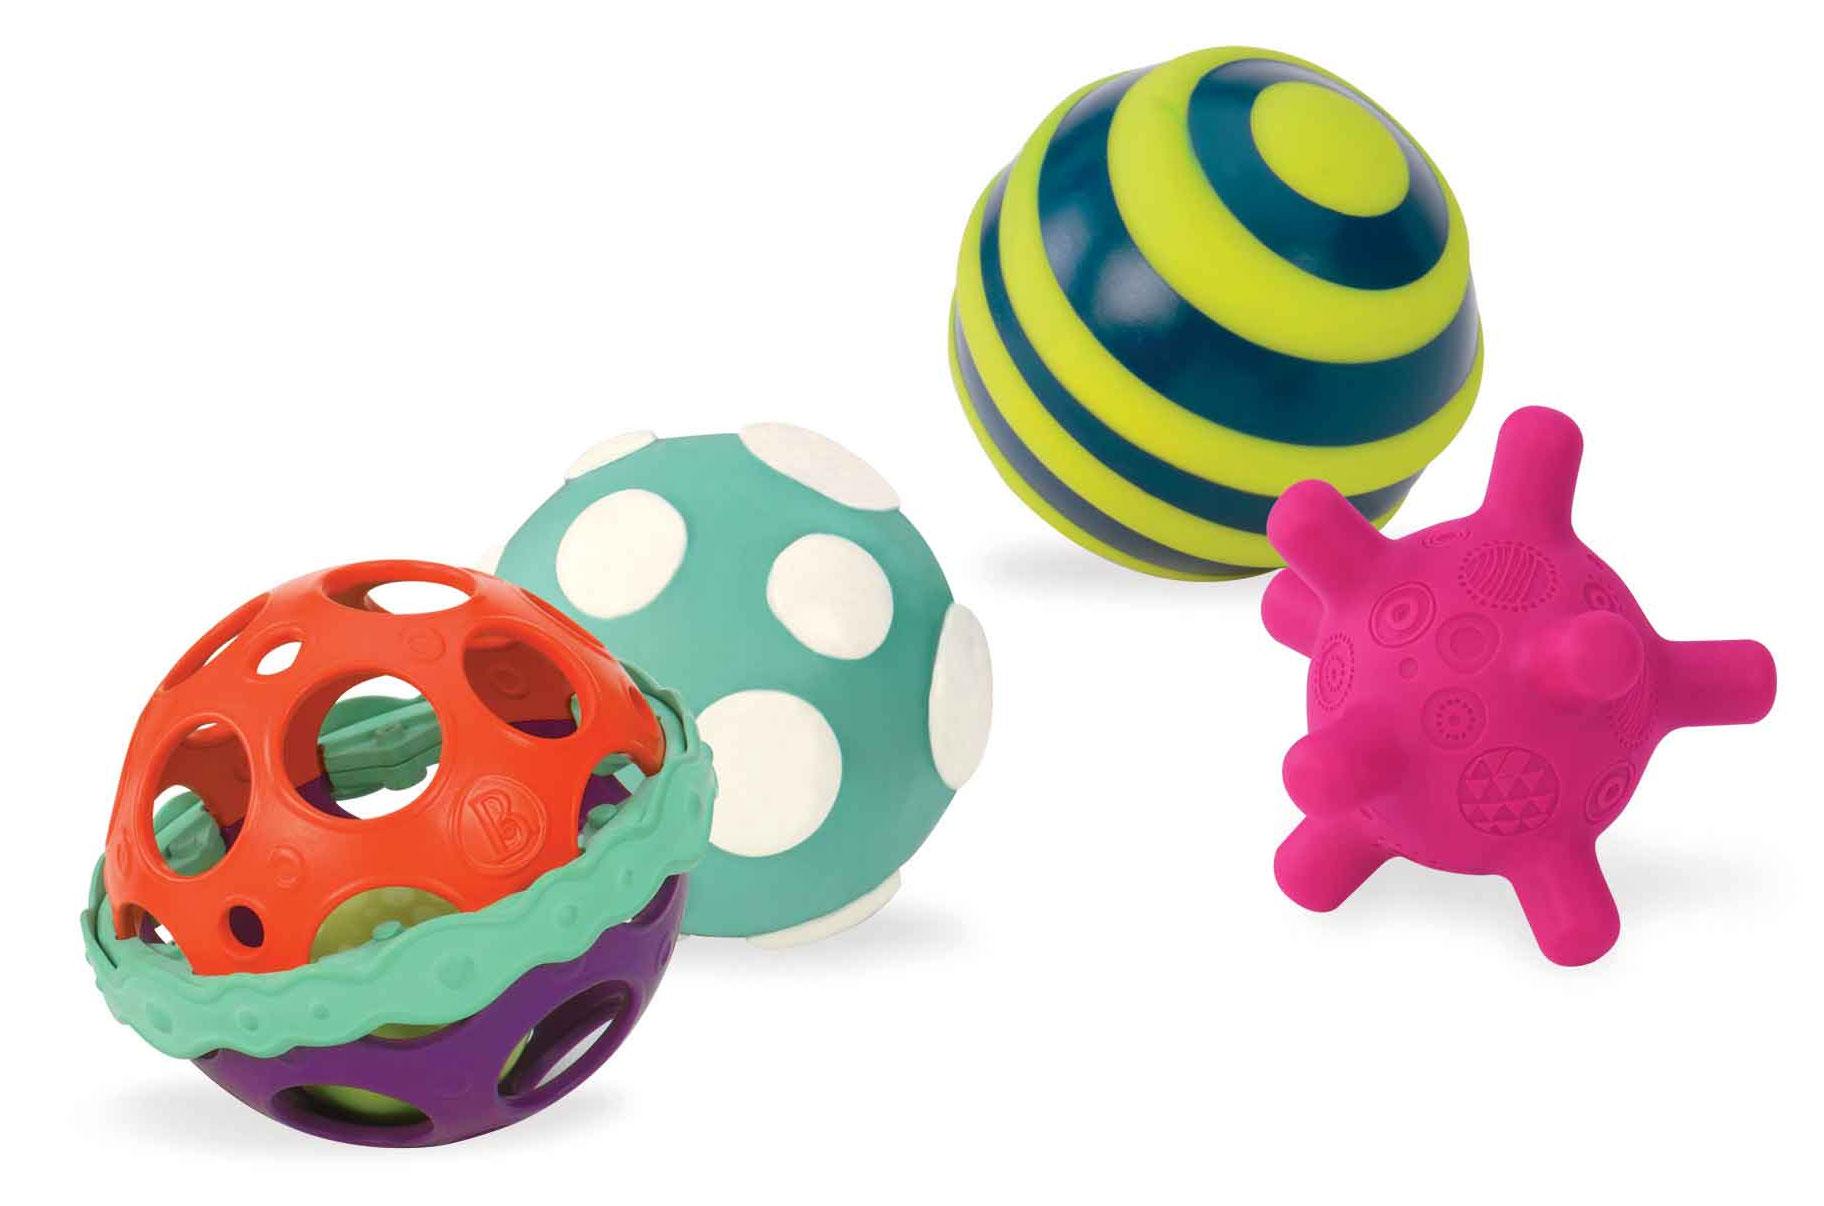 Juego Pelotas Sensoriales Y Sonoras método Montessori